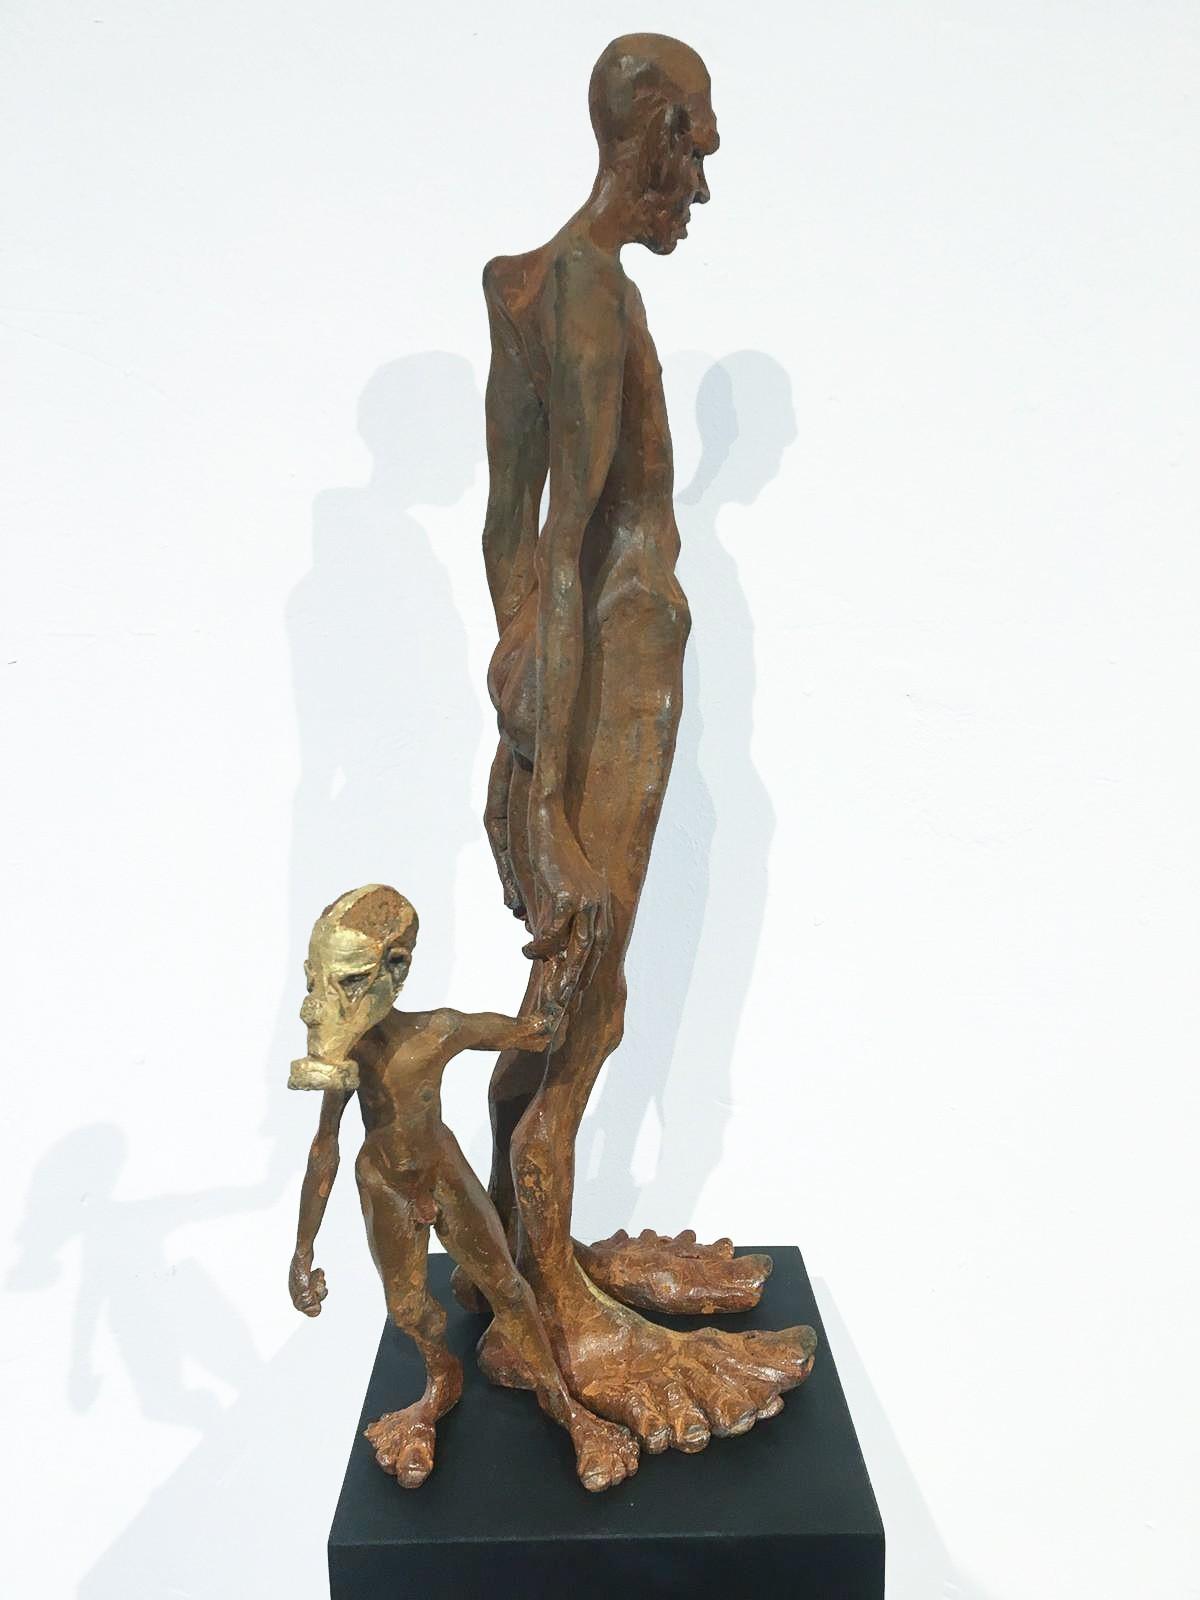 Nachlass - Eisen Skulptur seitlich von Tim David Trillsam, Edition